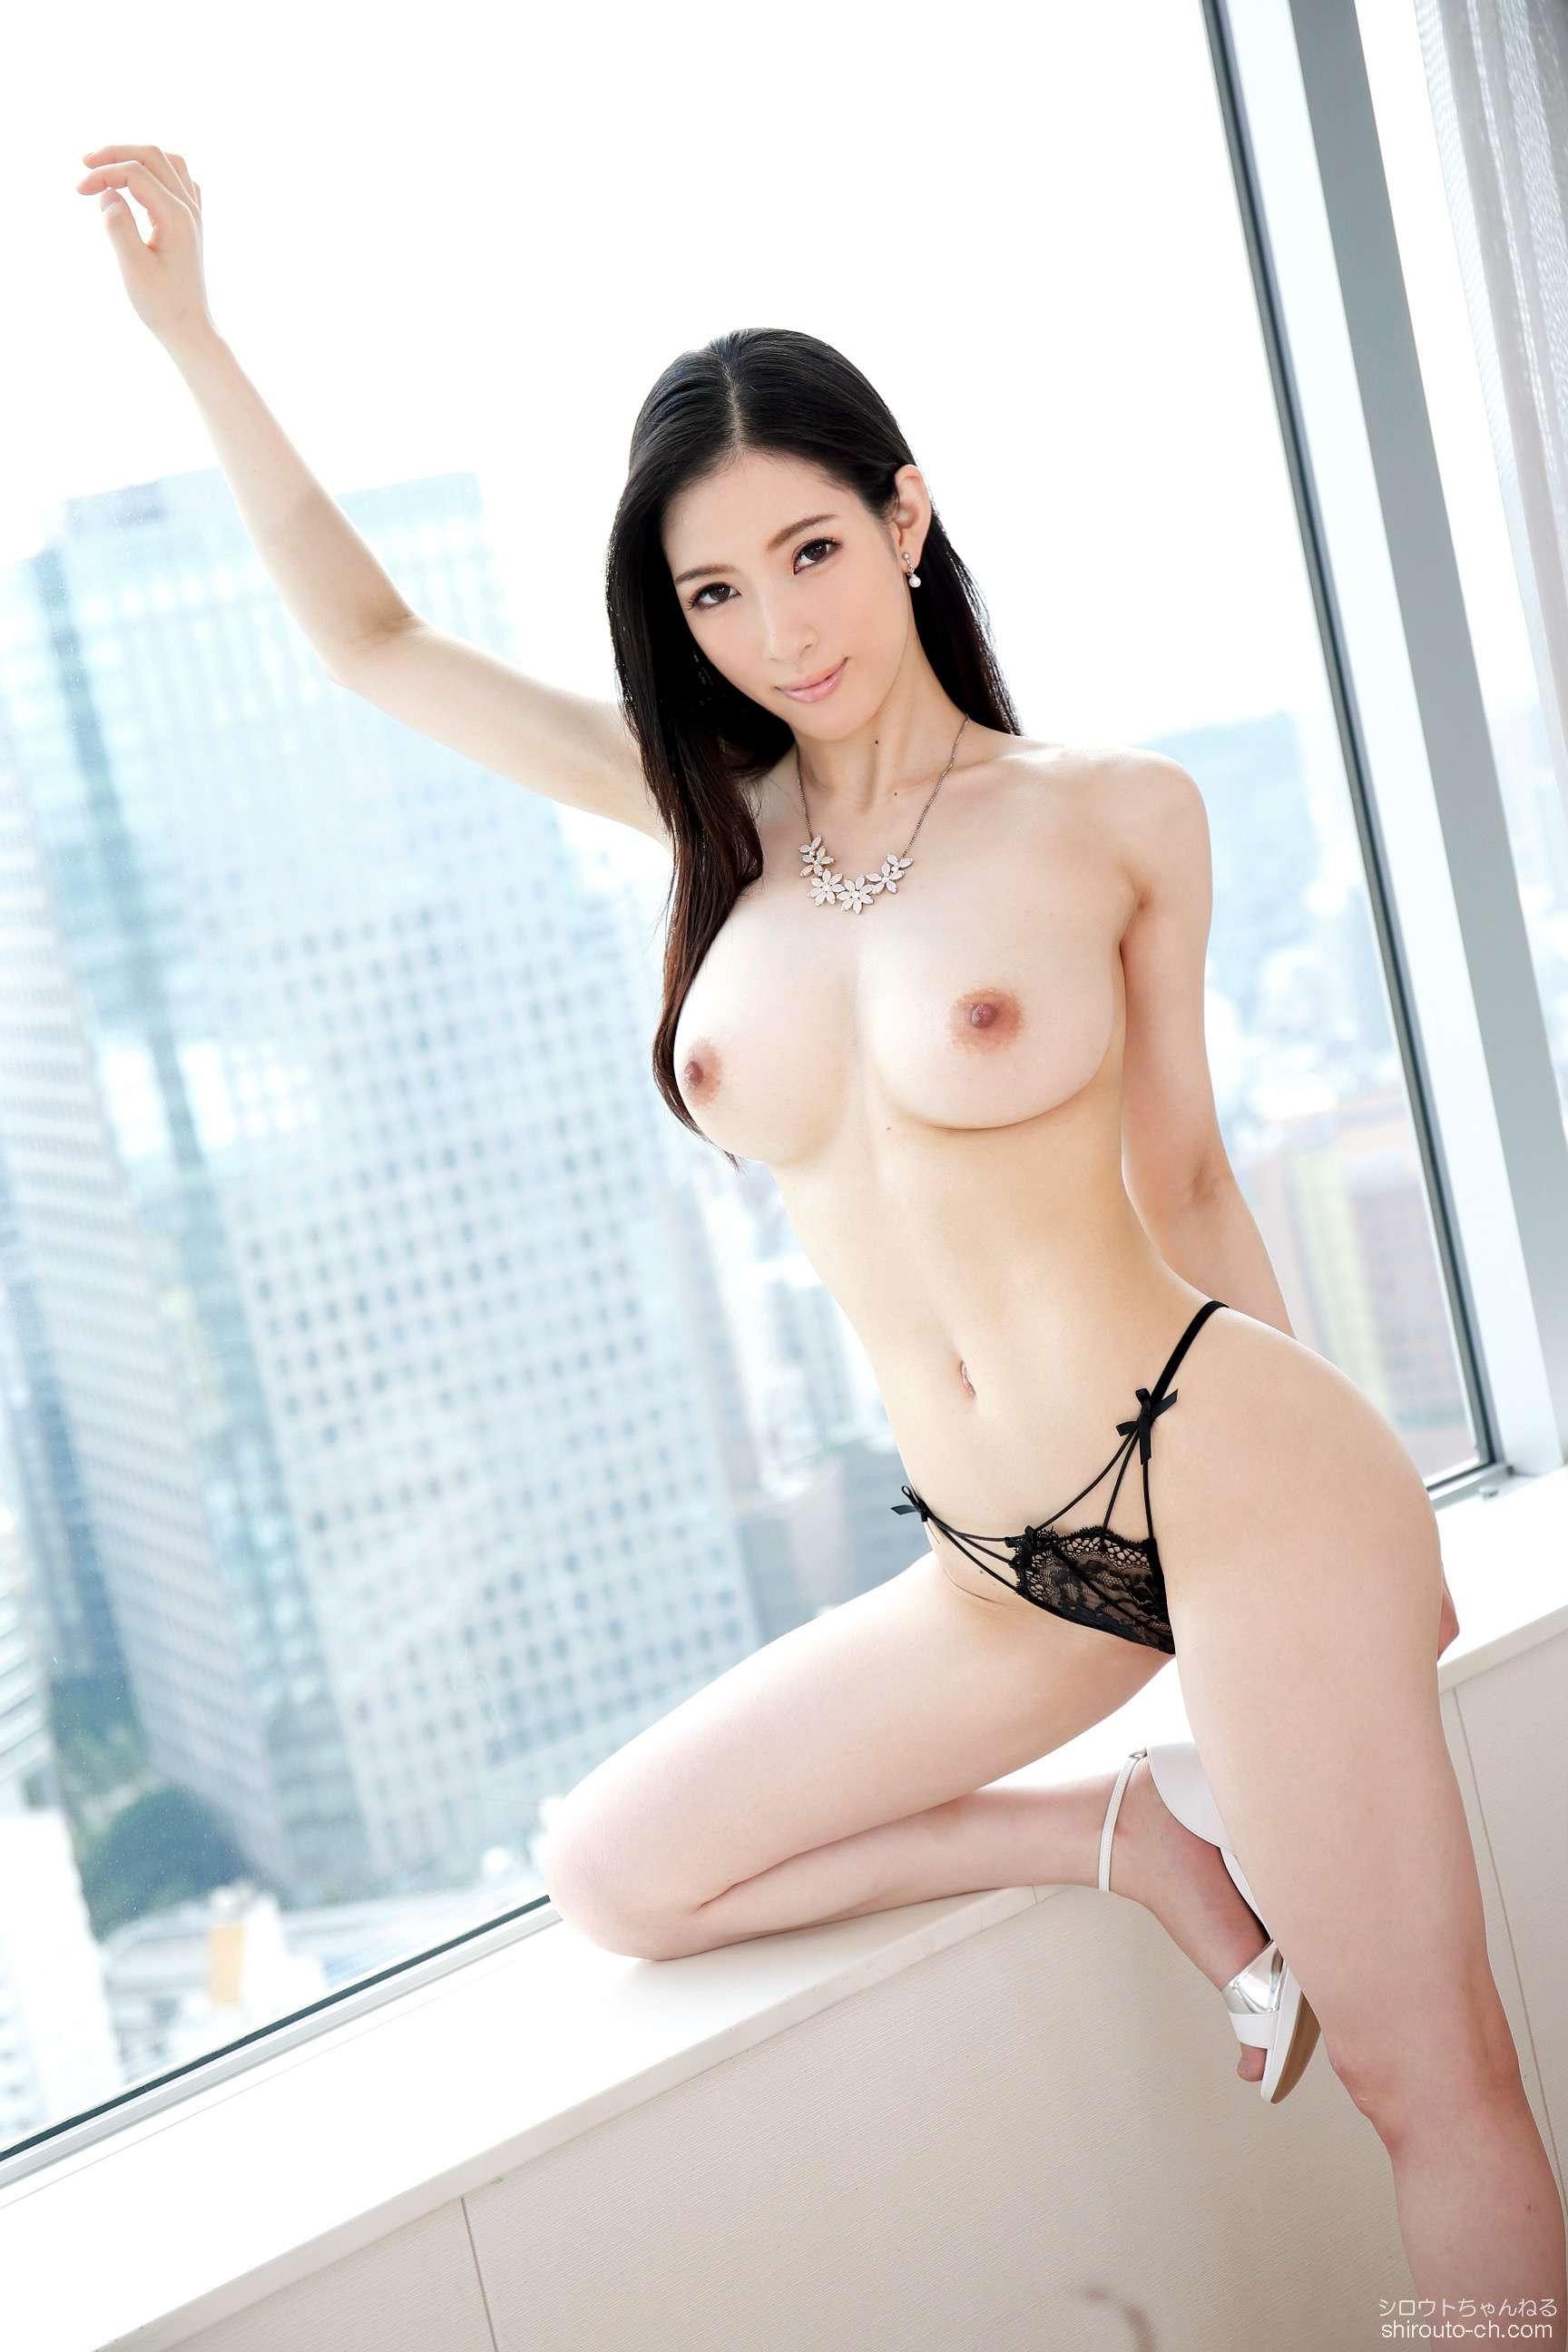 cool boobs